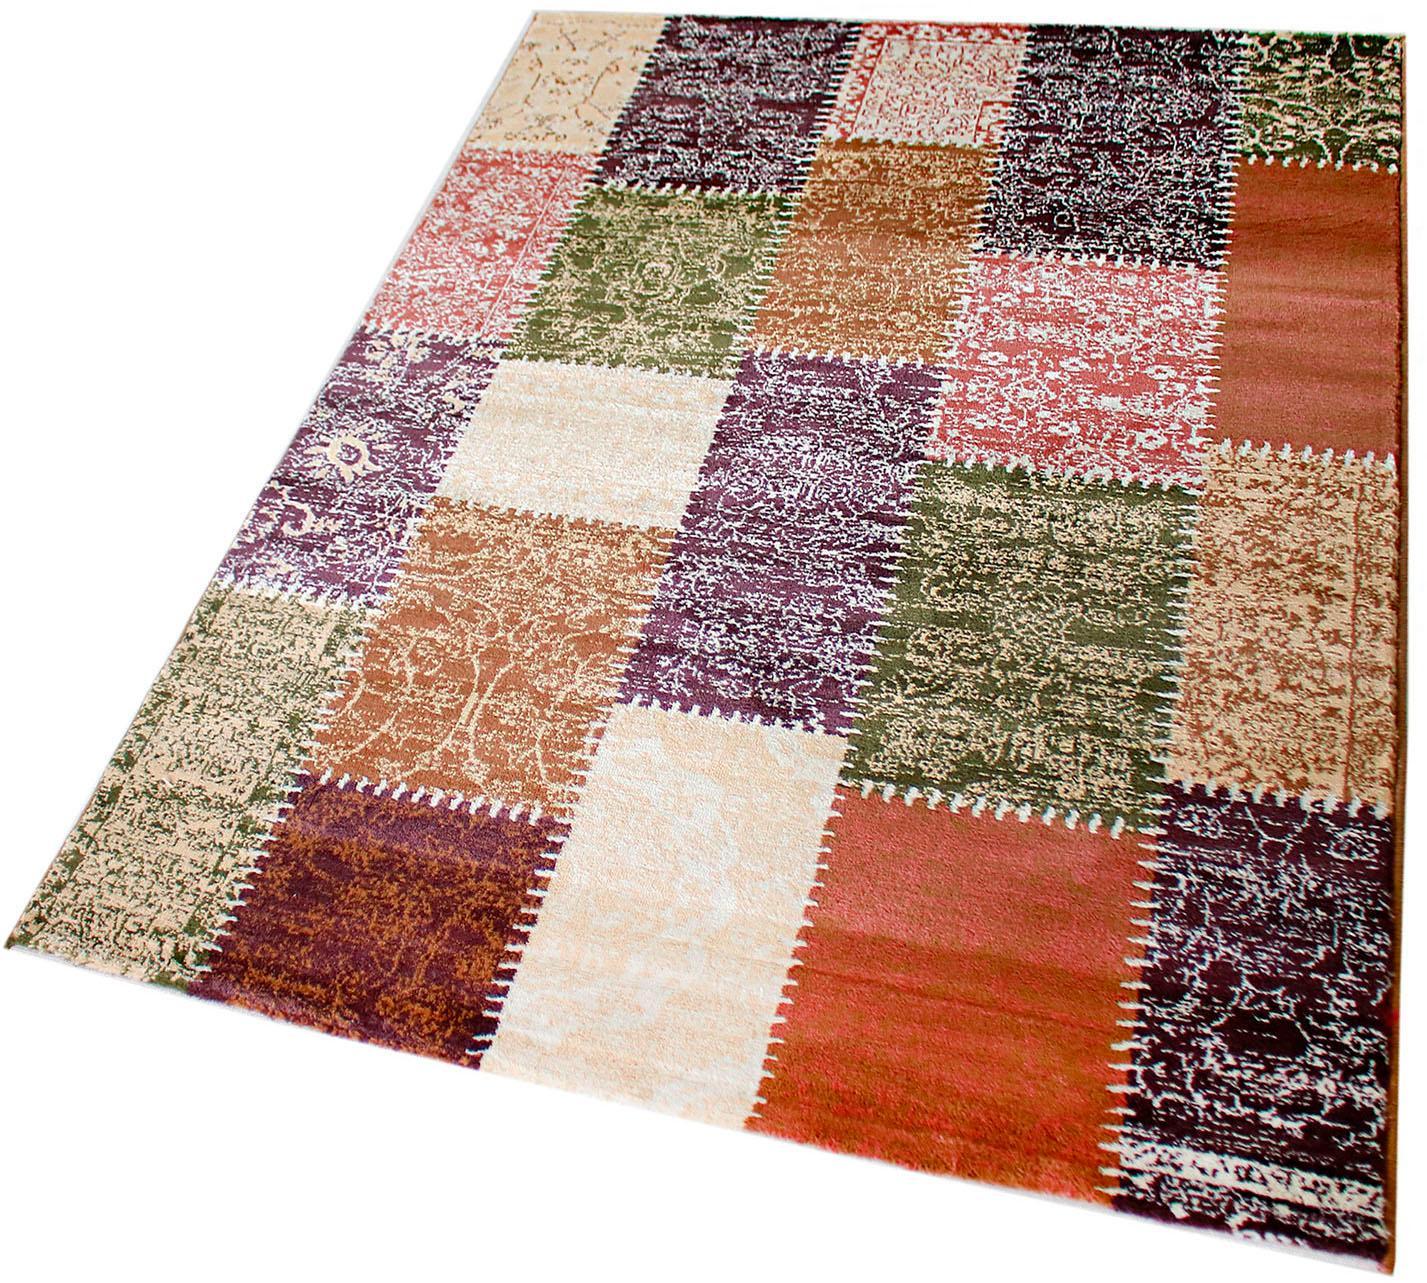 Teppich Maya 3820 Sehrazat rechteckig Höhe 11 mm maschinell gewebt